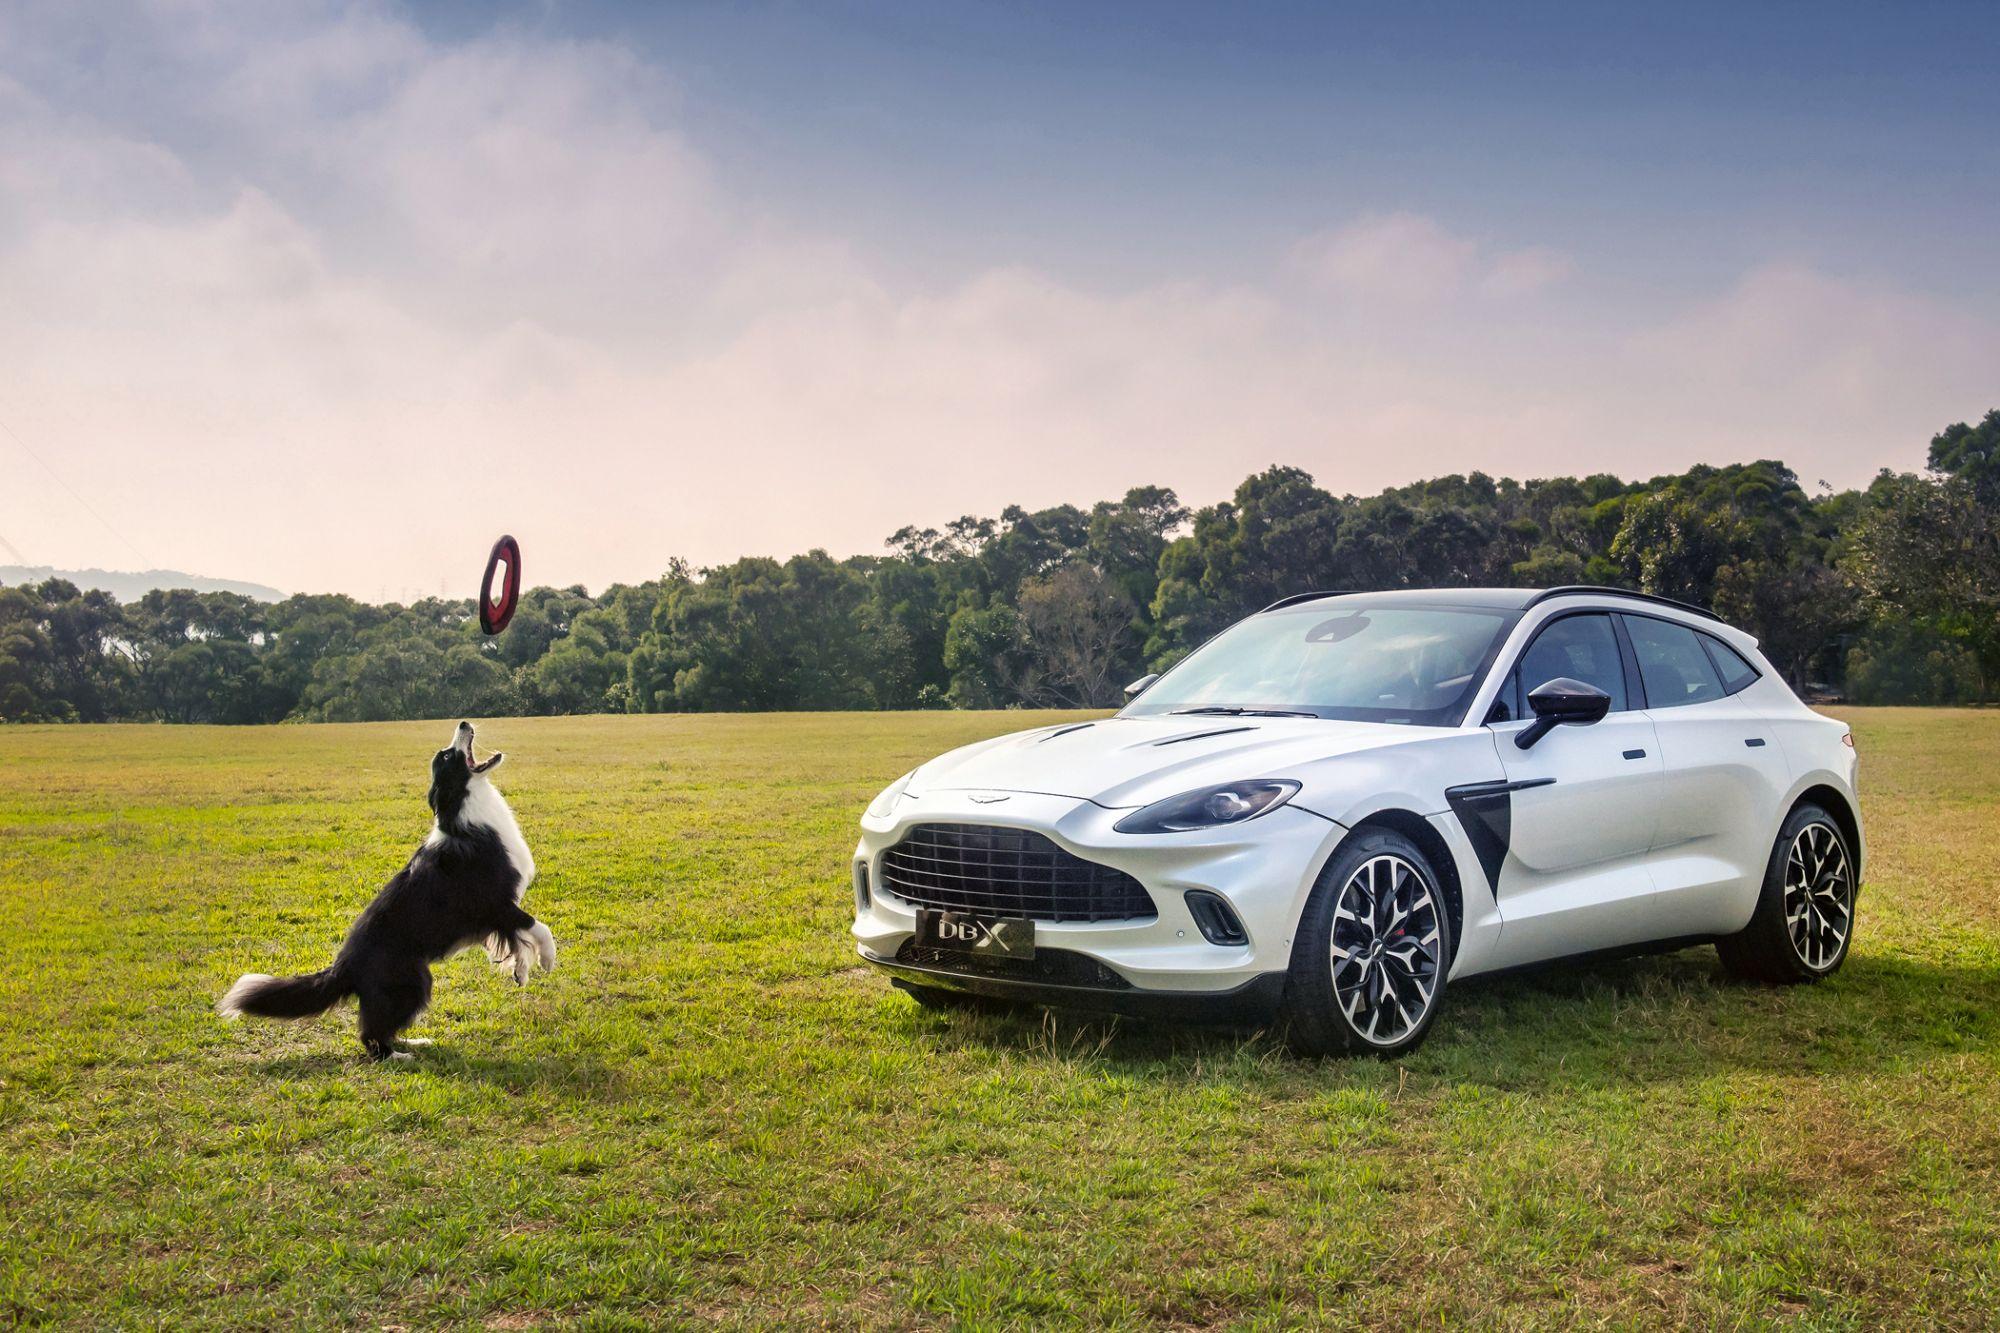 Aston Martin DBX 首批實車即將抵台,英倫風格生活套件同步登場,打造最完美的個人化生活